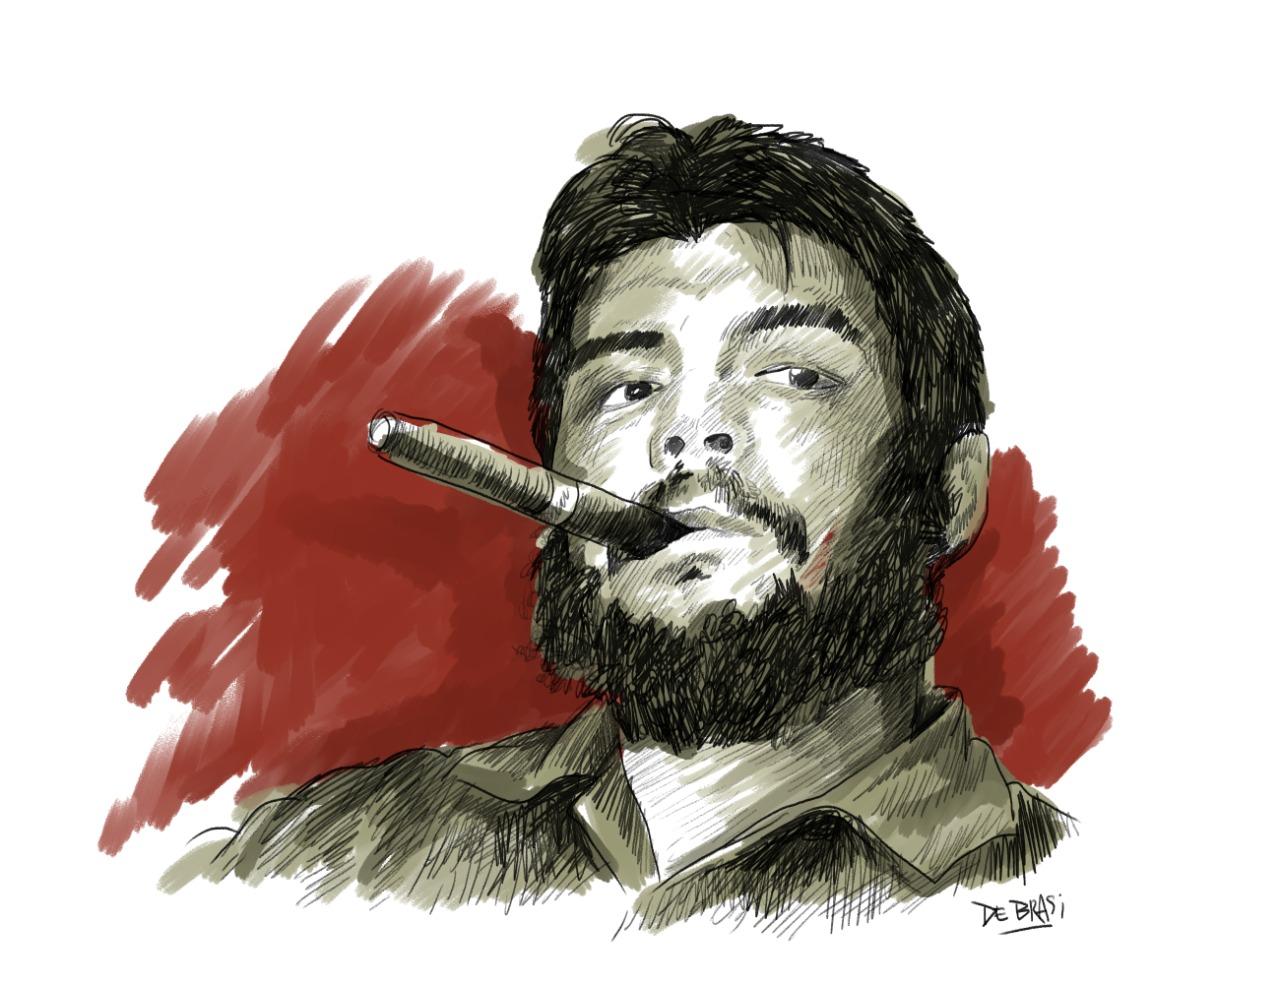 Ilustración del Che Guevara de Matías de Brasi